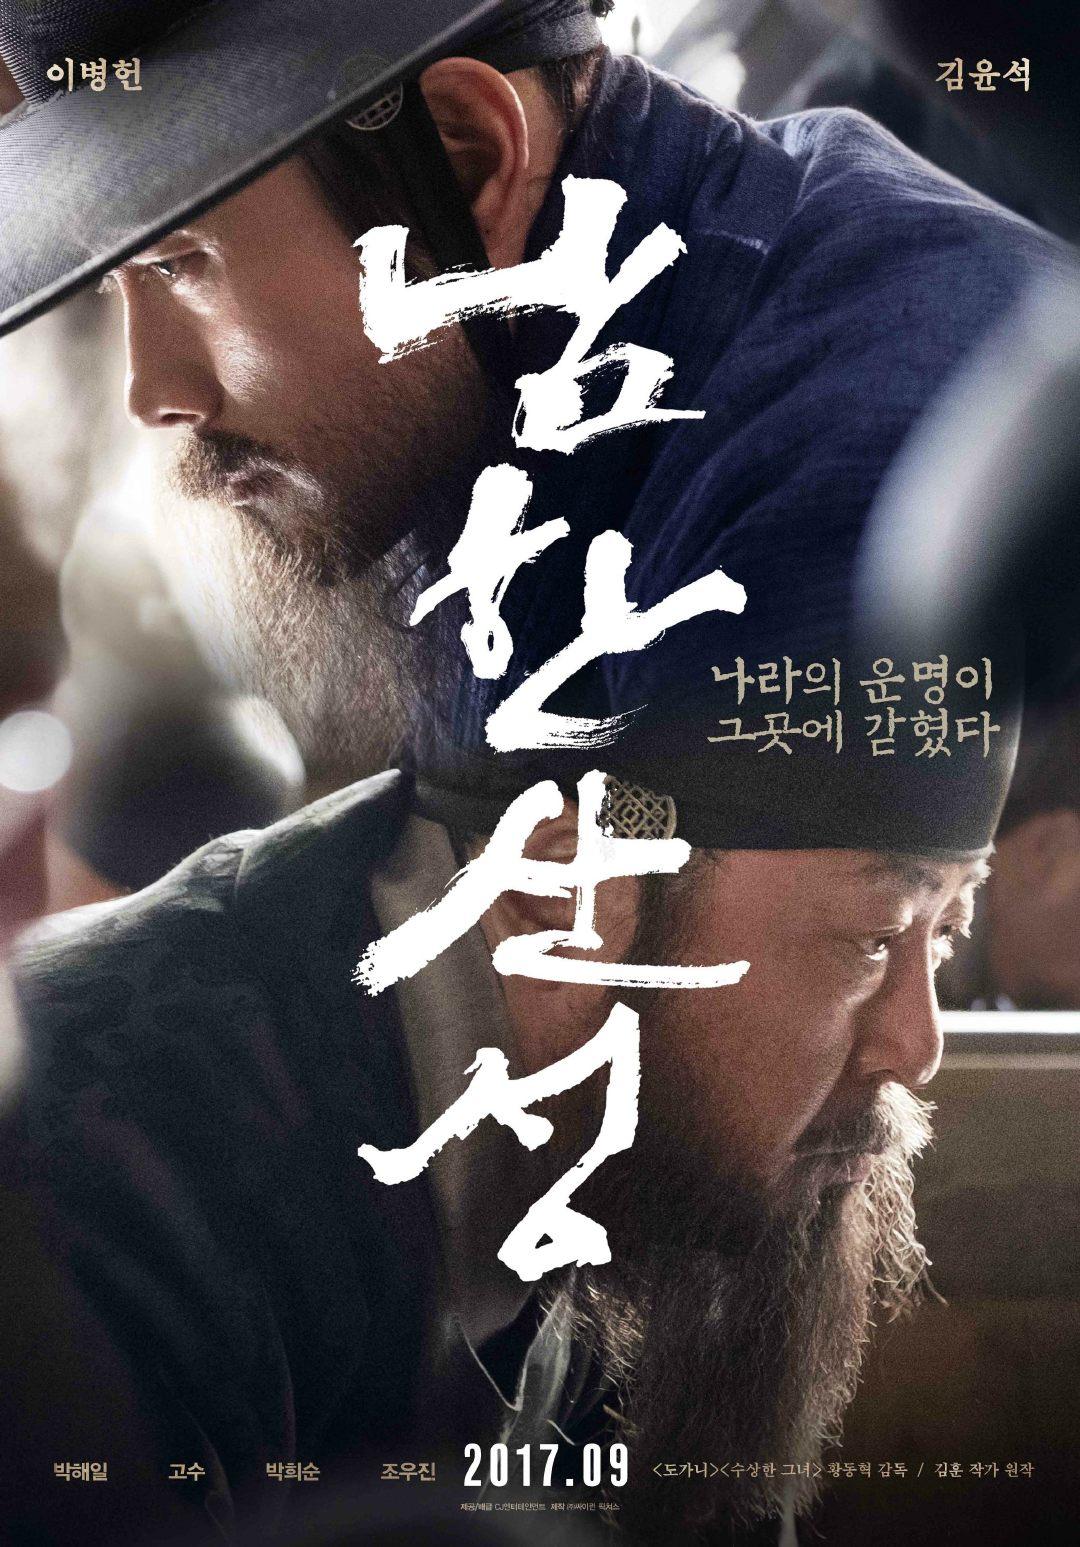 南汉山城 [朝鲜抗清悲情投降的故事,难得比较客观,提名并获得多个奖项]